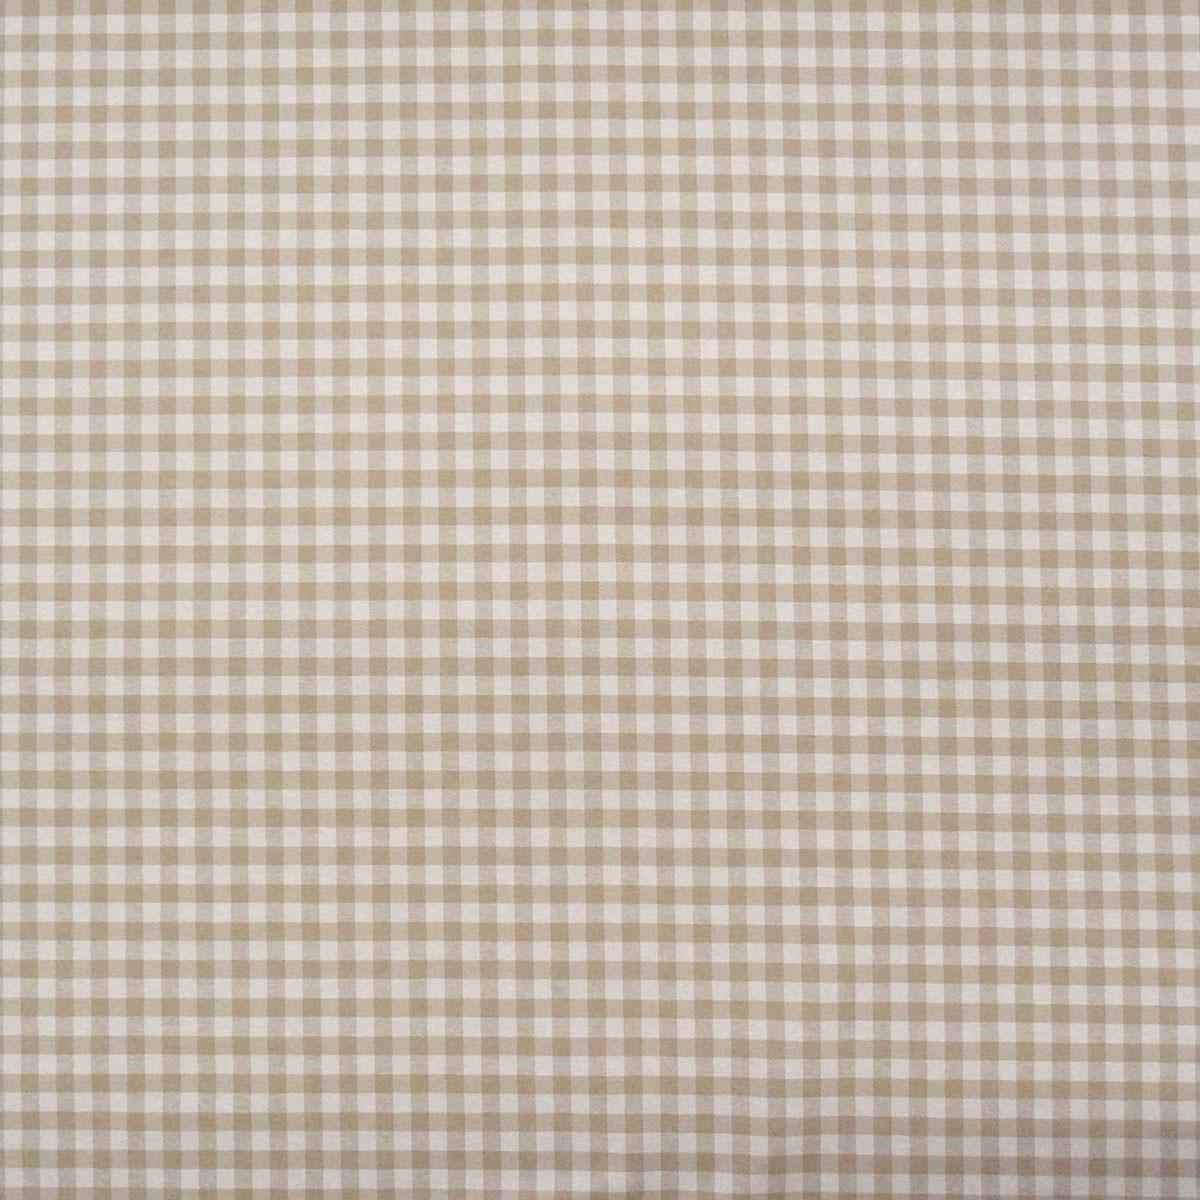 Dekostoff Dobby Landhausstoff Karostoff Meterware kariert weiß beige ca. 1,3x1,3cm 1,40m breit